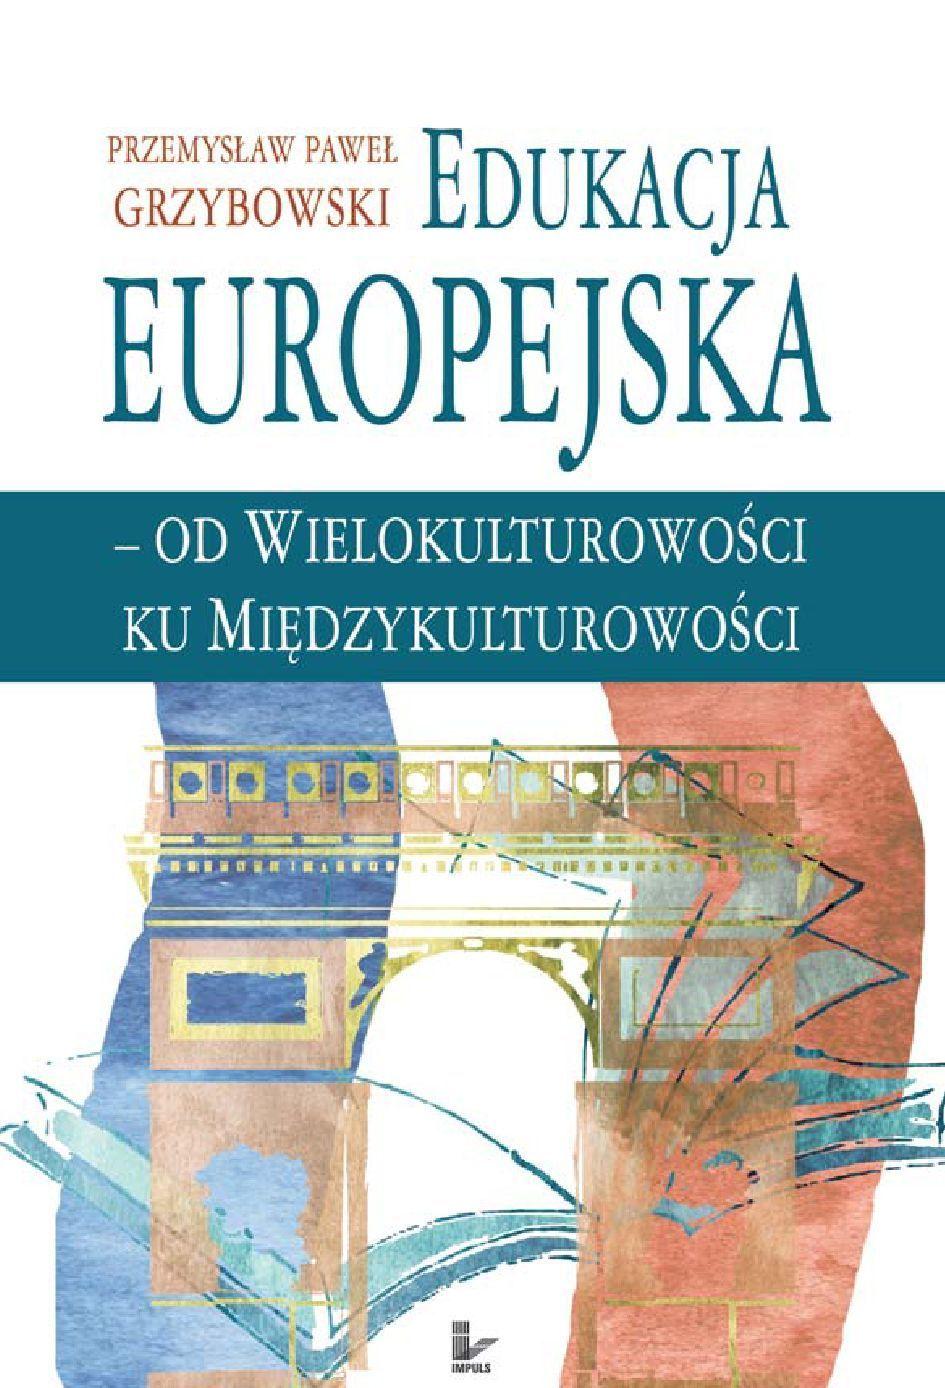 Edukacja europejska od wielokulturowości do międzykulturowości - Ebook (Książka PDF) do pobrania w formacie PDF